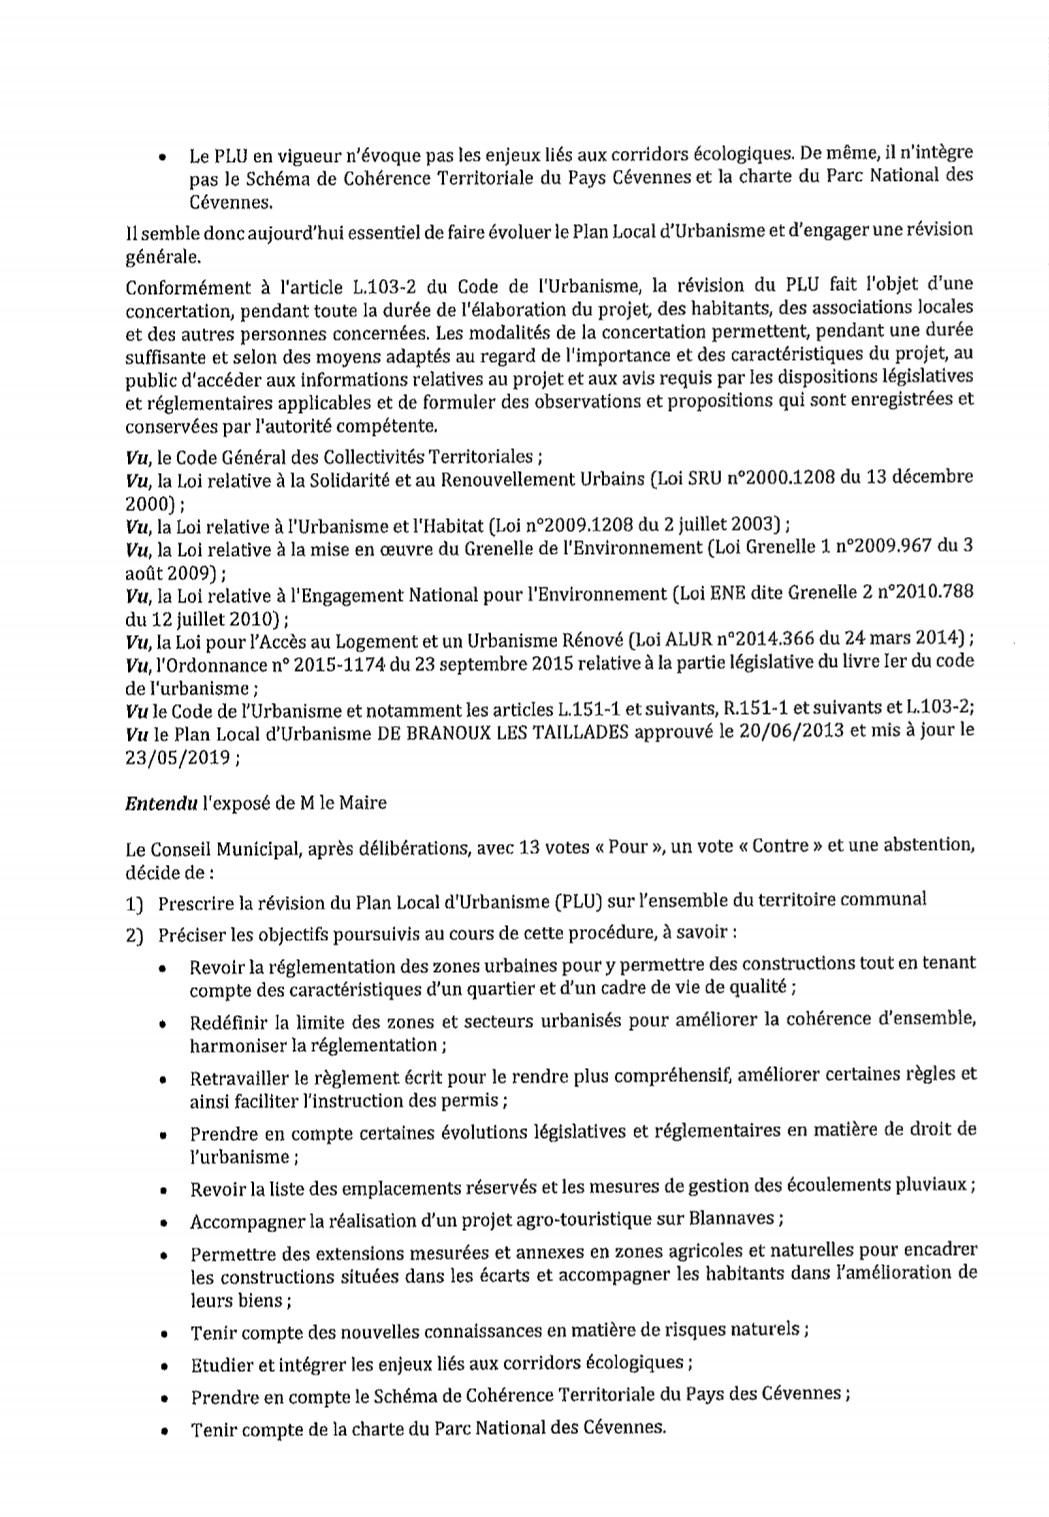 Délib révision PLU p2